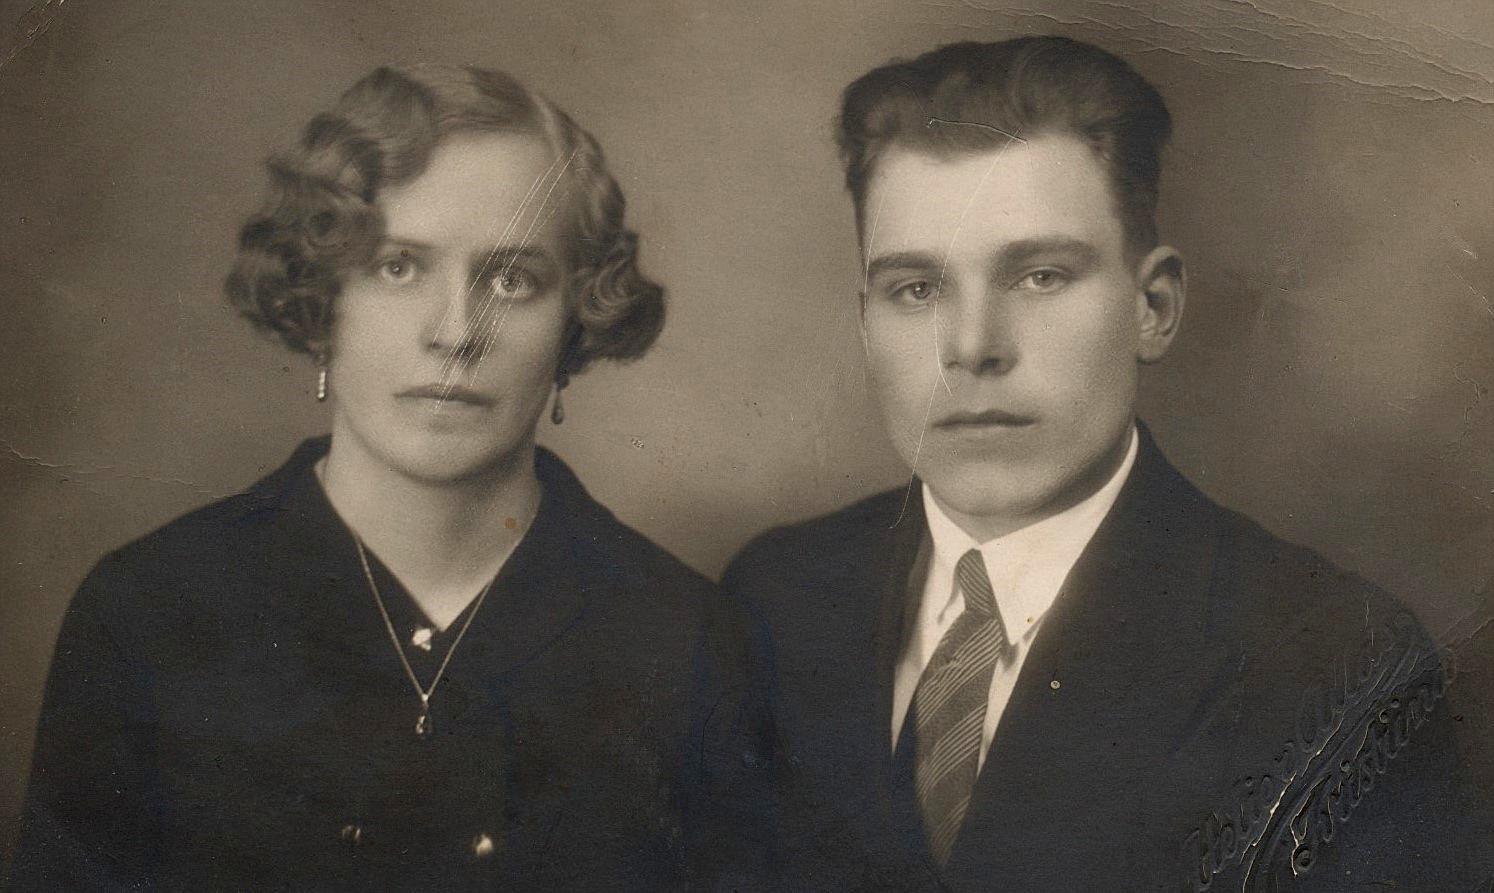 Här Julia Lillkull som gifte sig med Bertel Långfors från Klemetsändan.